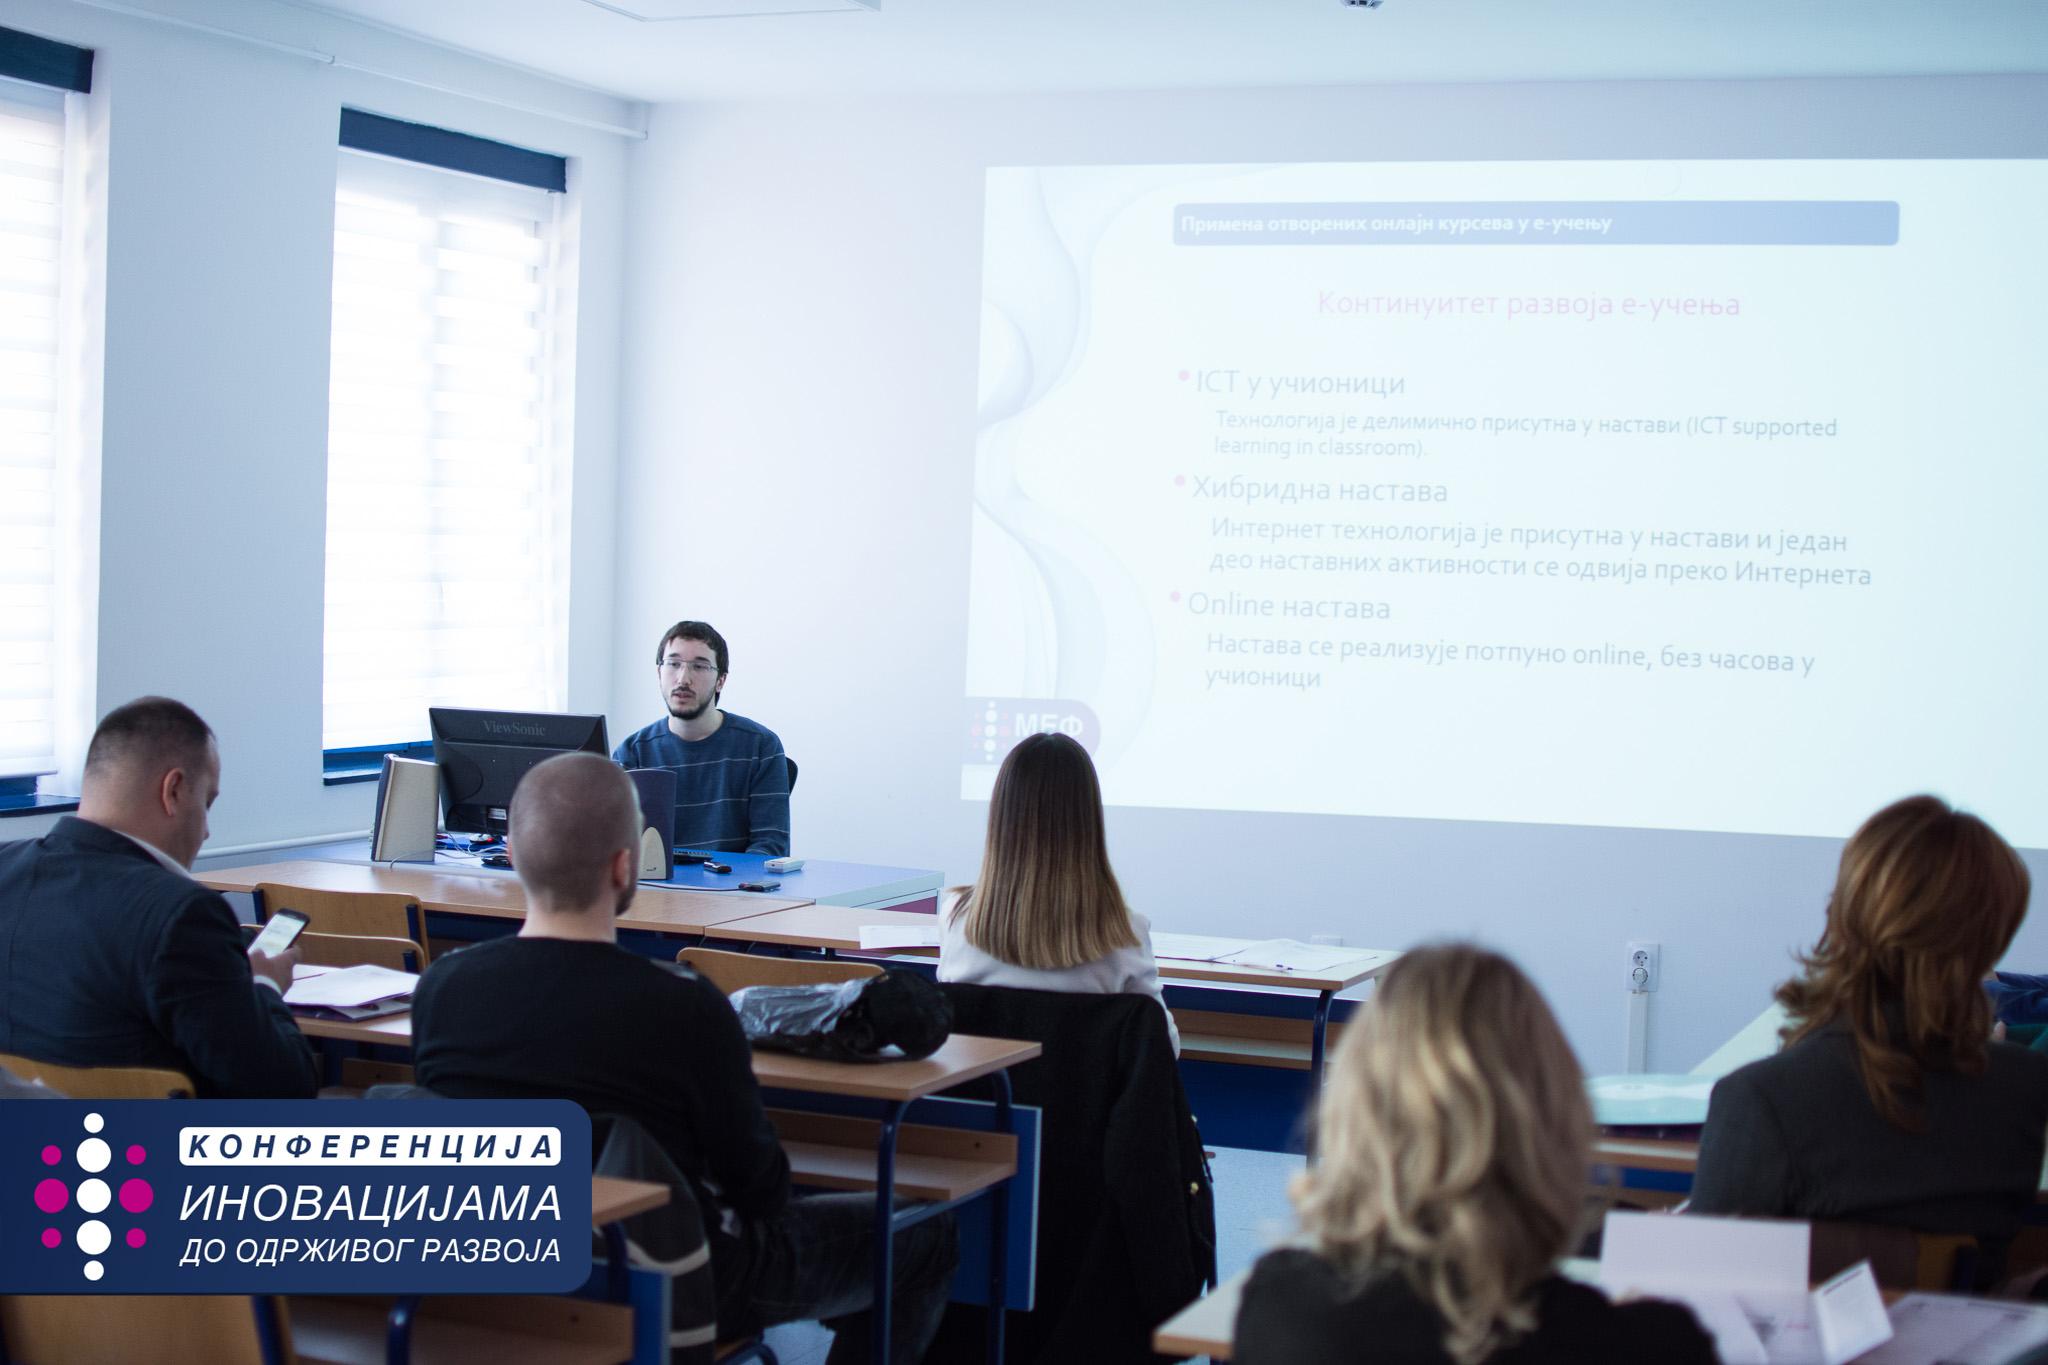 MEF Fakultet - izvestaj sa konferencije 77